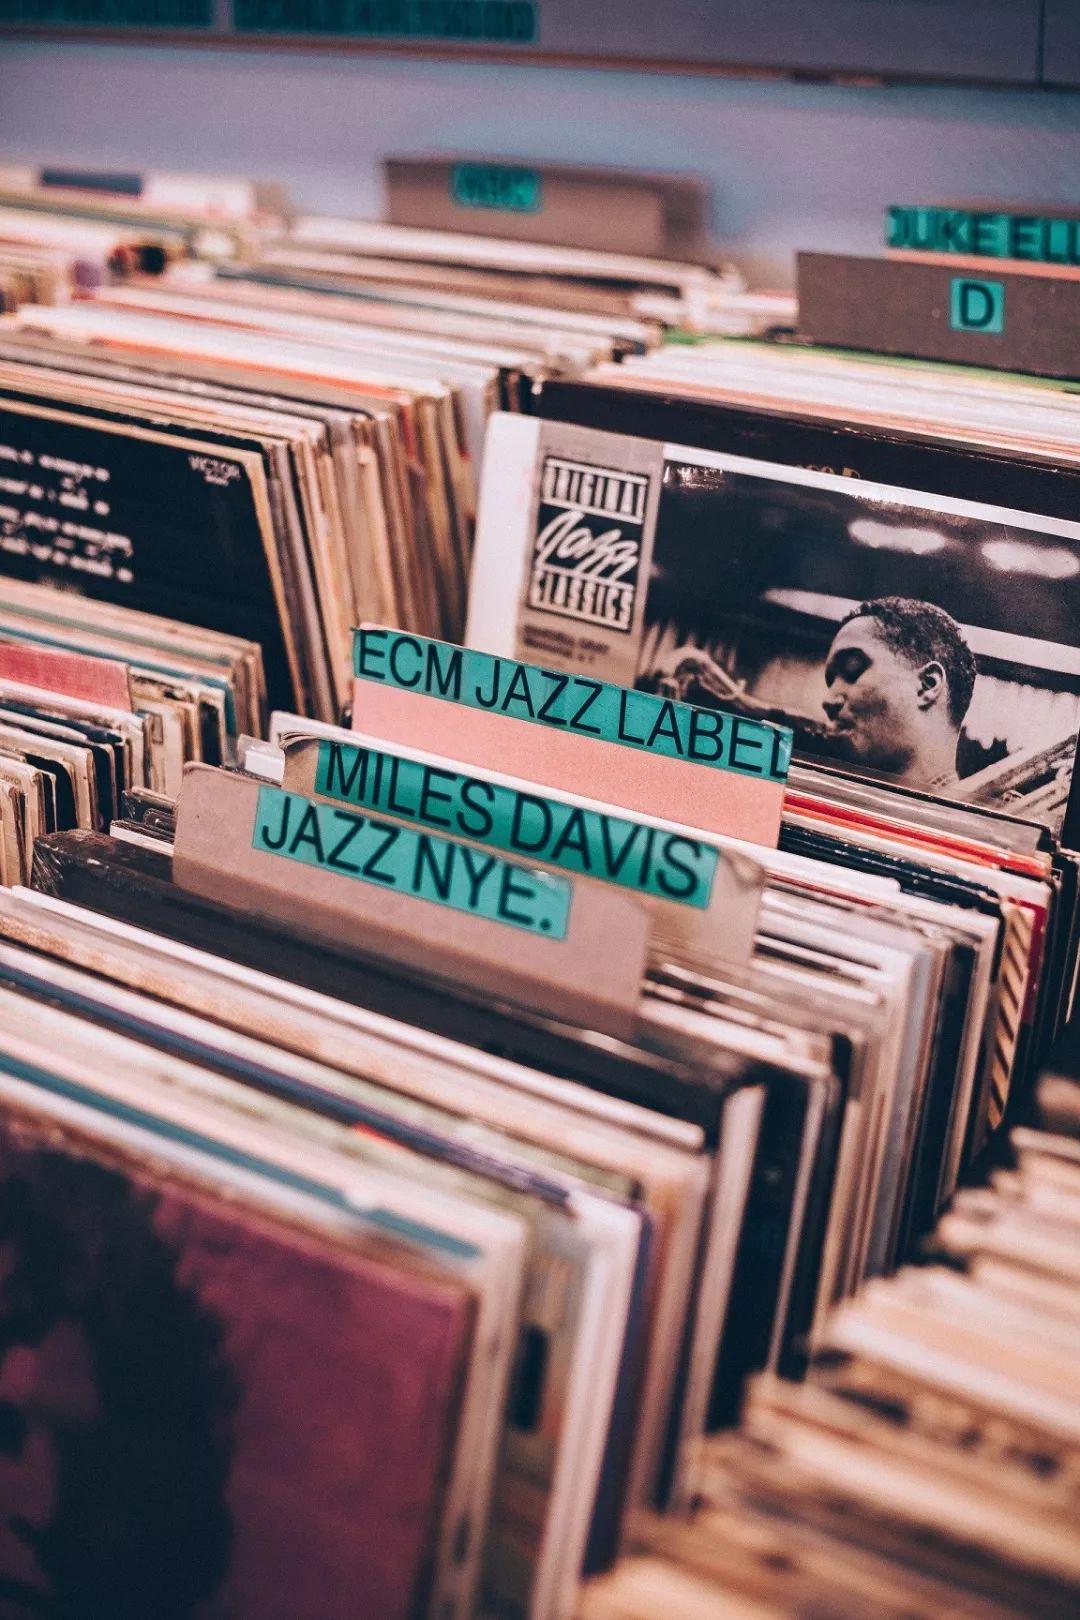 北欧人想告诉你:什么是Jazz?